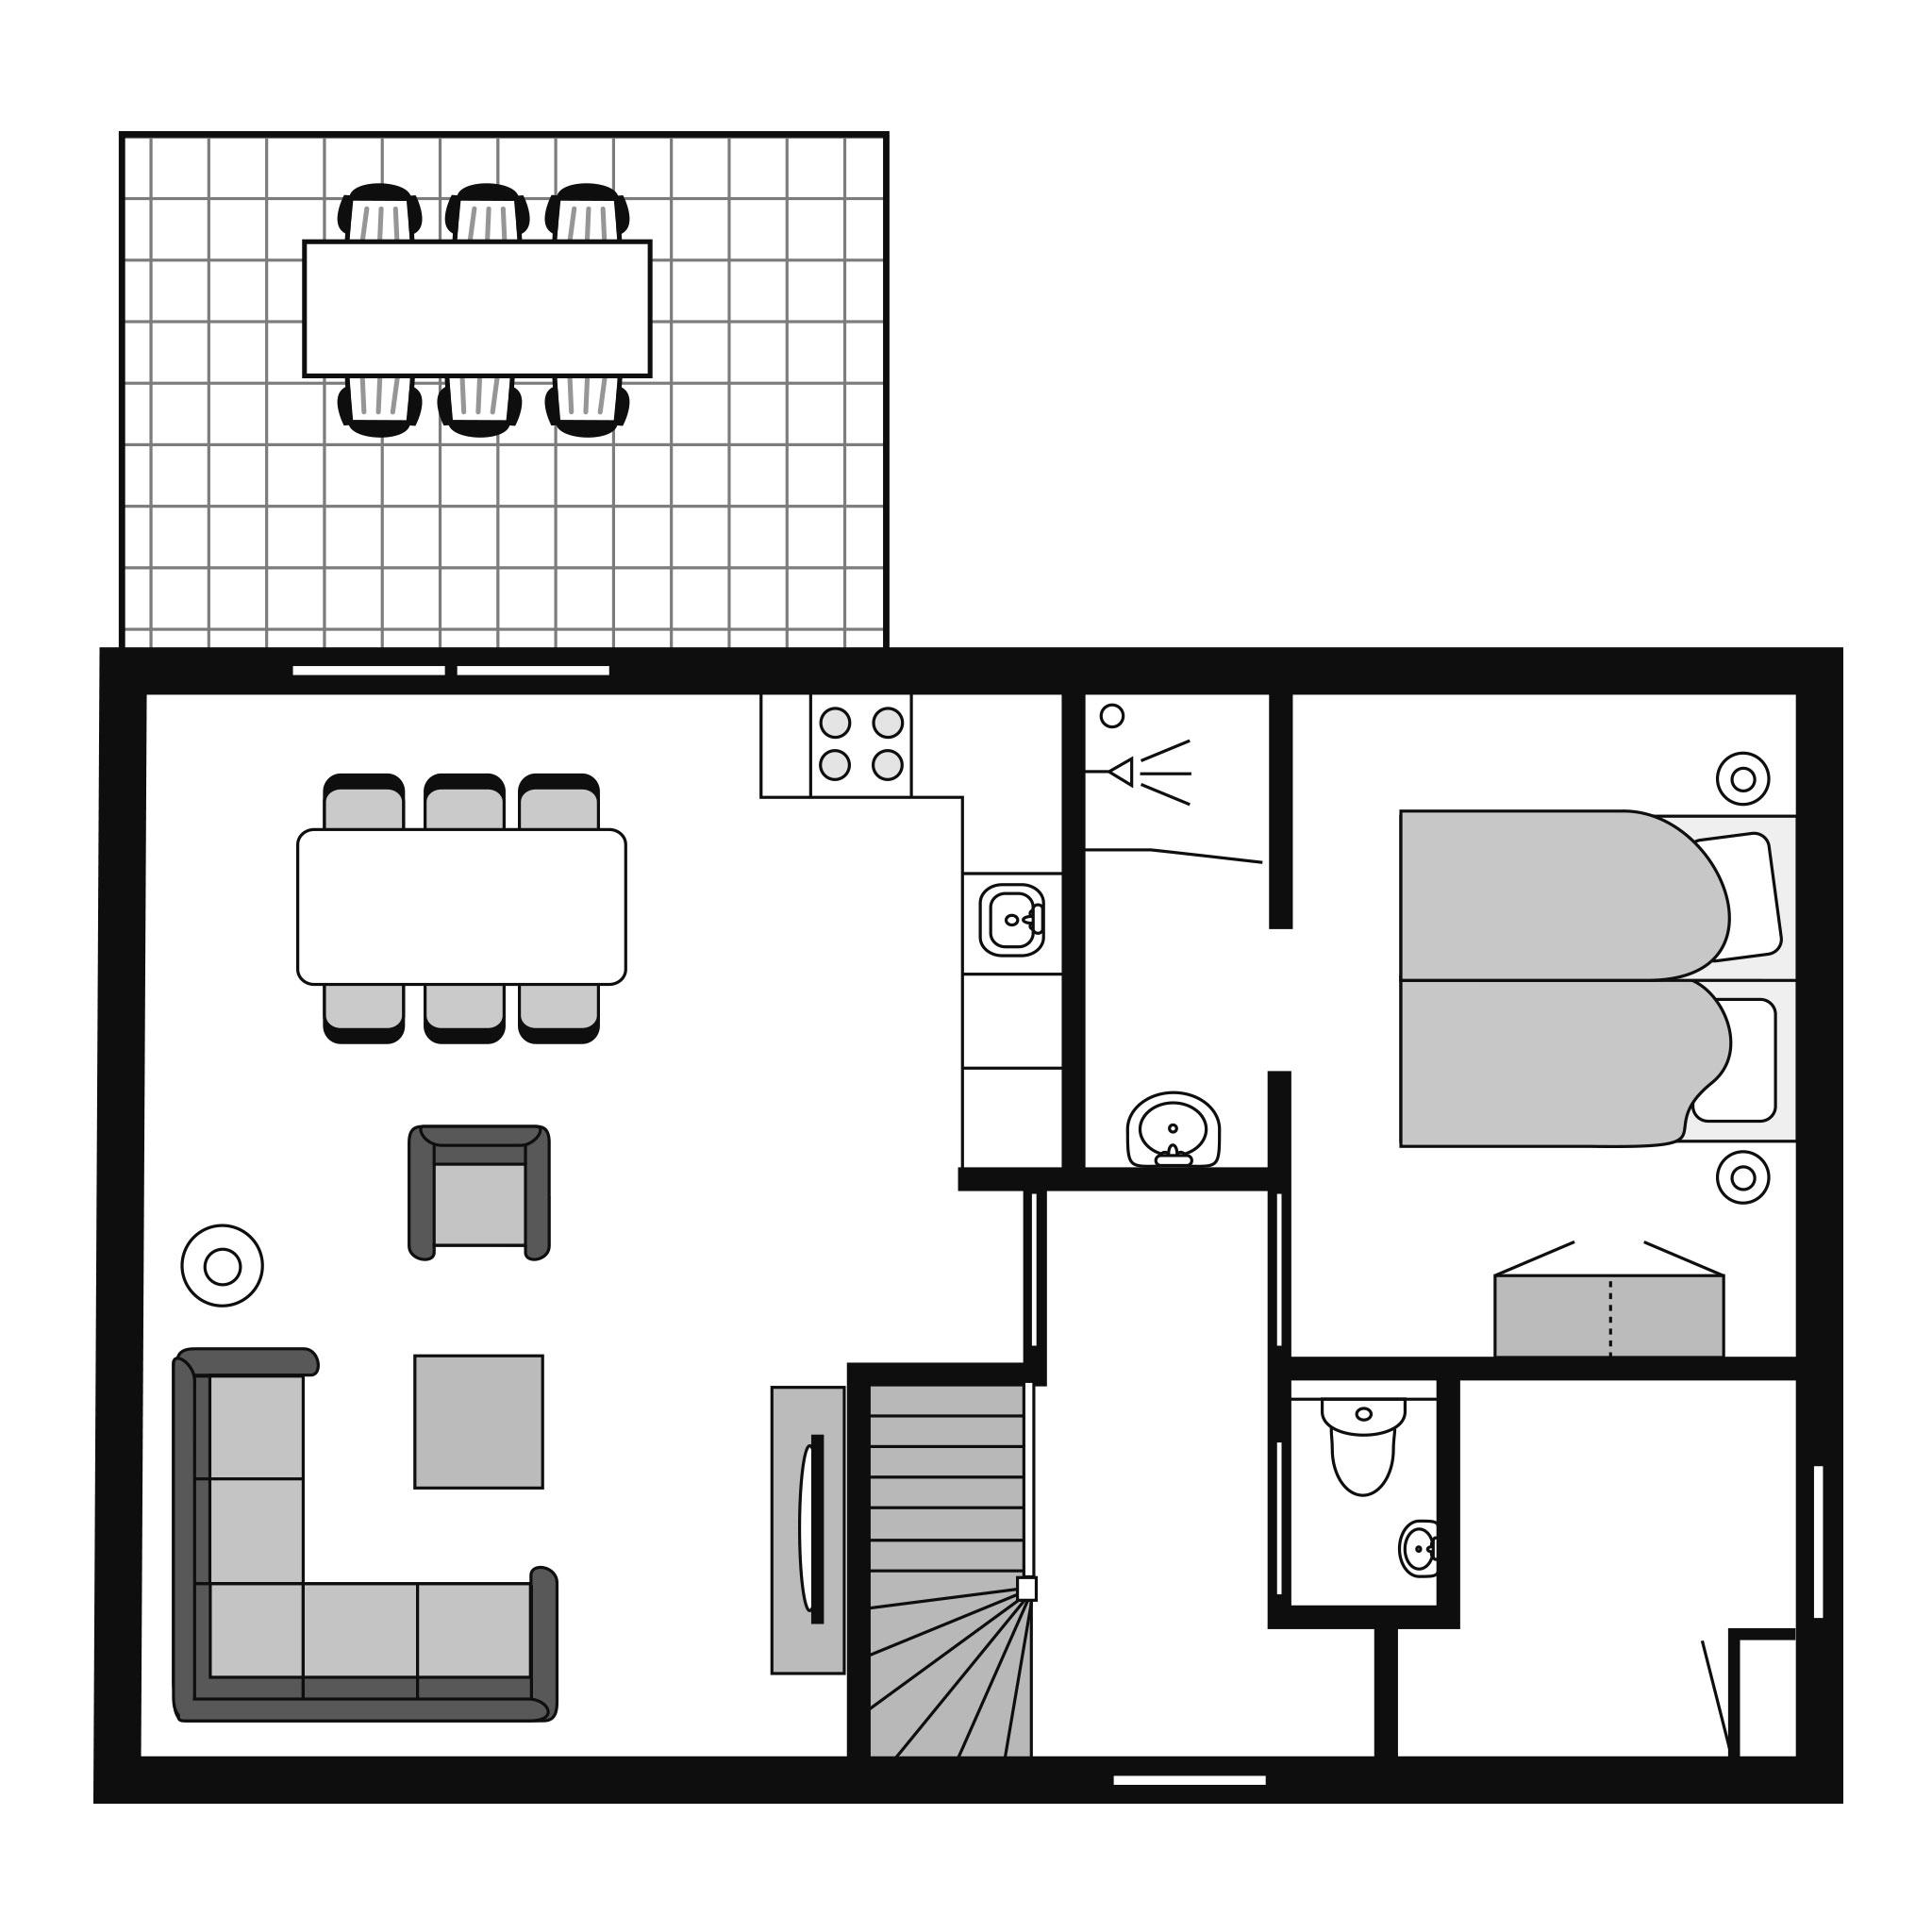 Ferienwohnung Komfort 6-Personen-Ferienhaus im Ferienpark Landal De Vers - am Wasser/Freizeitsee gelegen (2669905), Overloon, , Nordbrabant, Niederlande, Bild 26